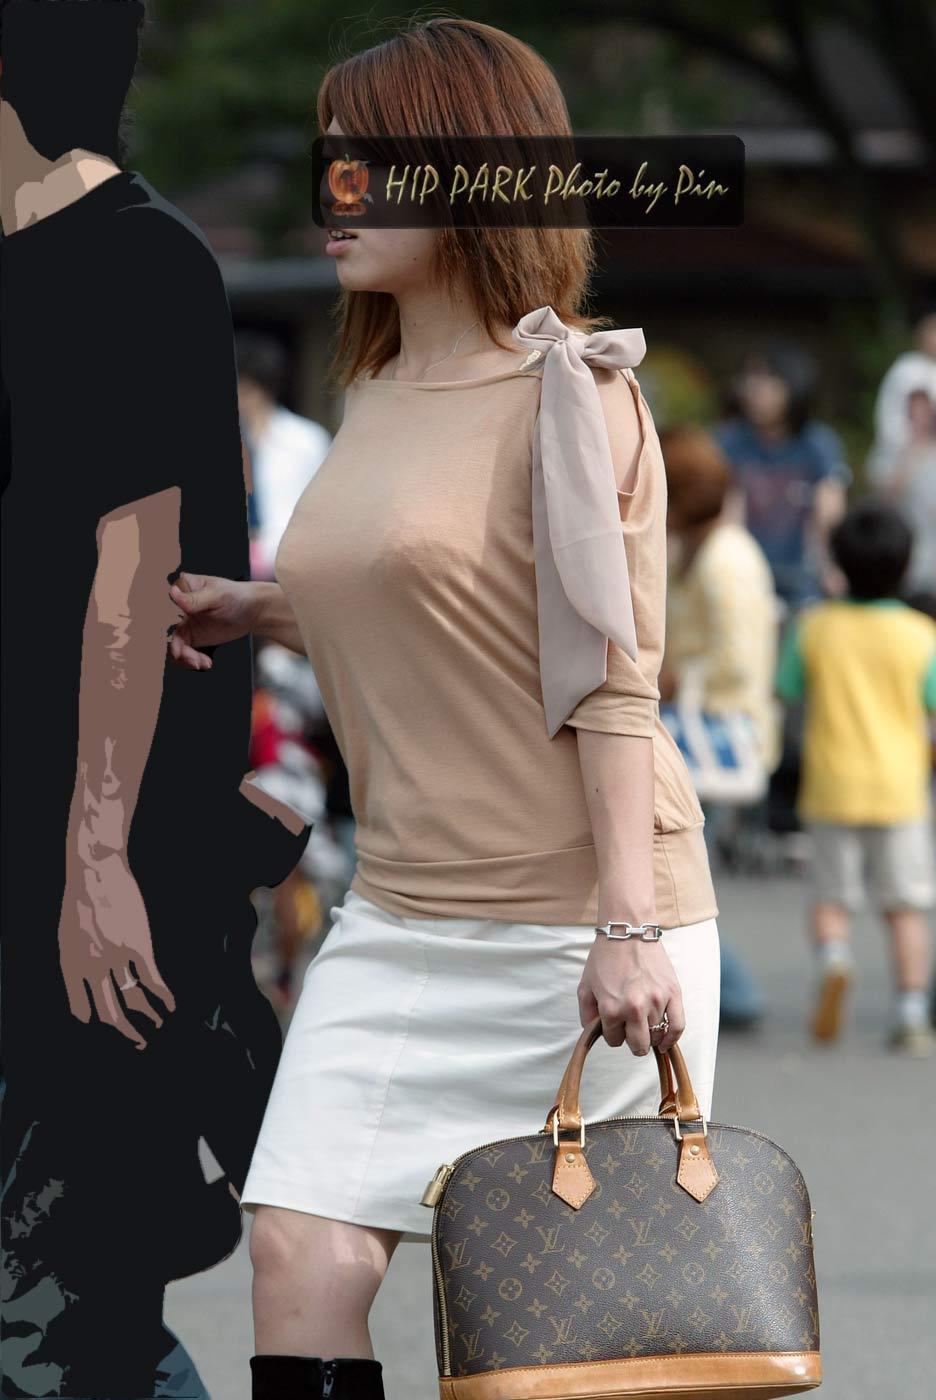 街中でムラムラが抑えられなくなる揉みしだきたい素人の着衣おっぱい!!! 30147